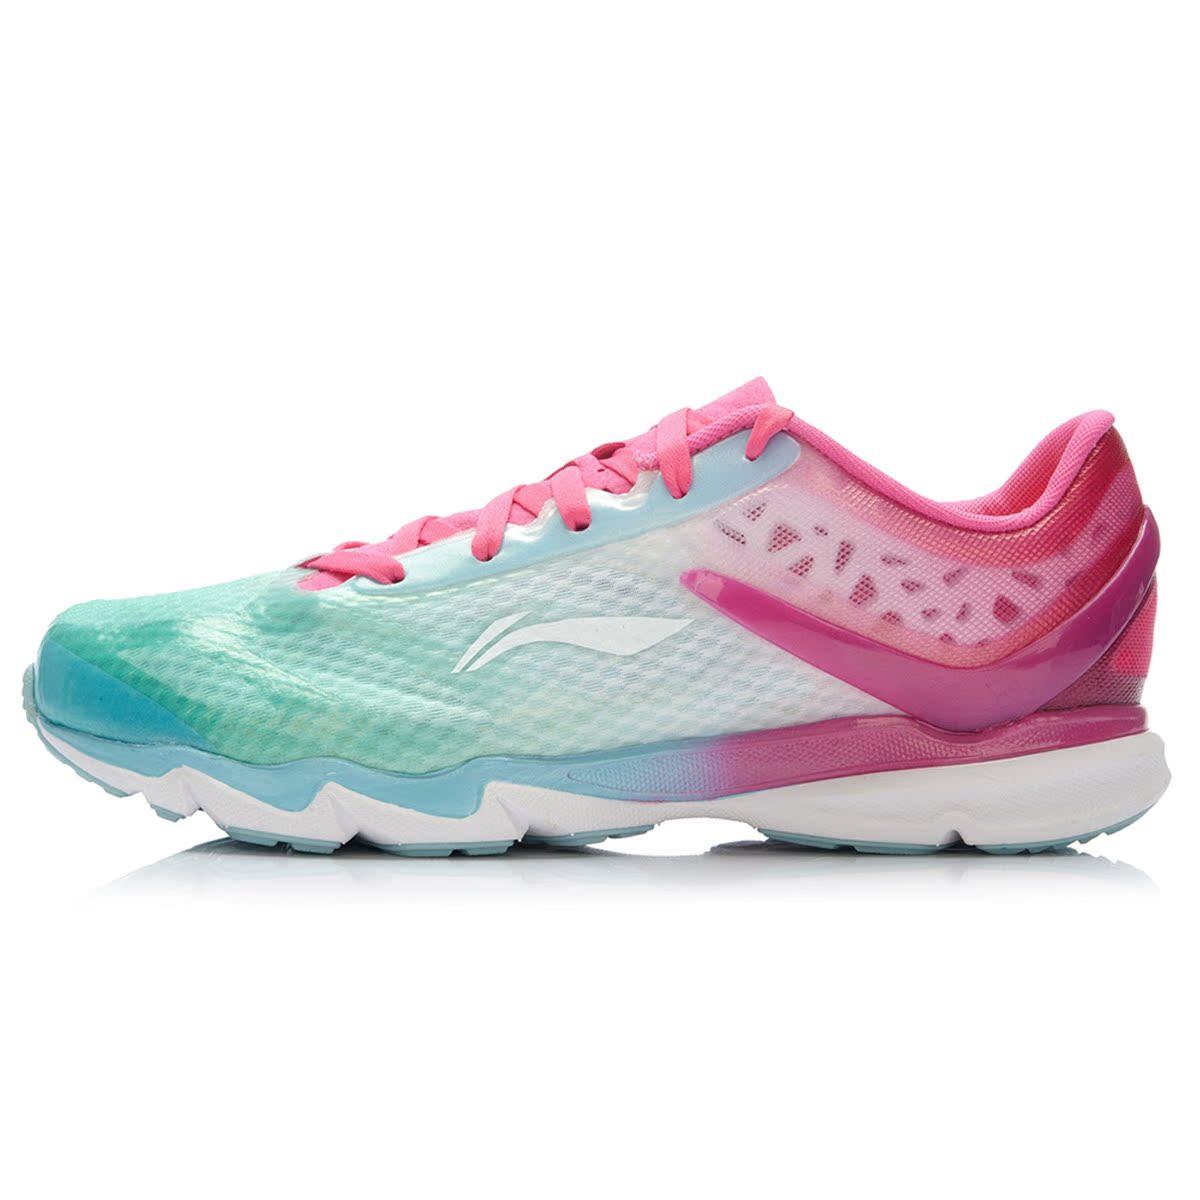 聚 李宁女鞋跑步鞋2015秋季新款超轻12代女子透气运动跑